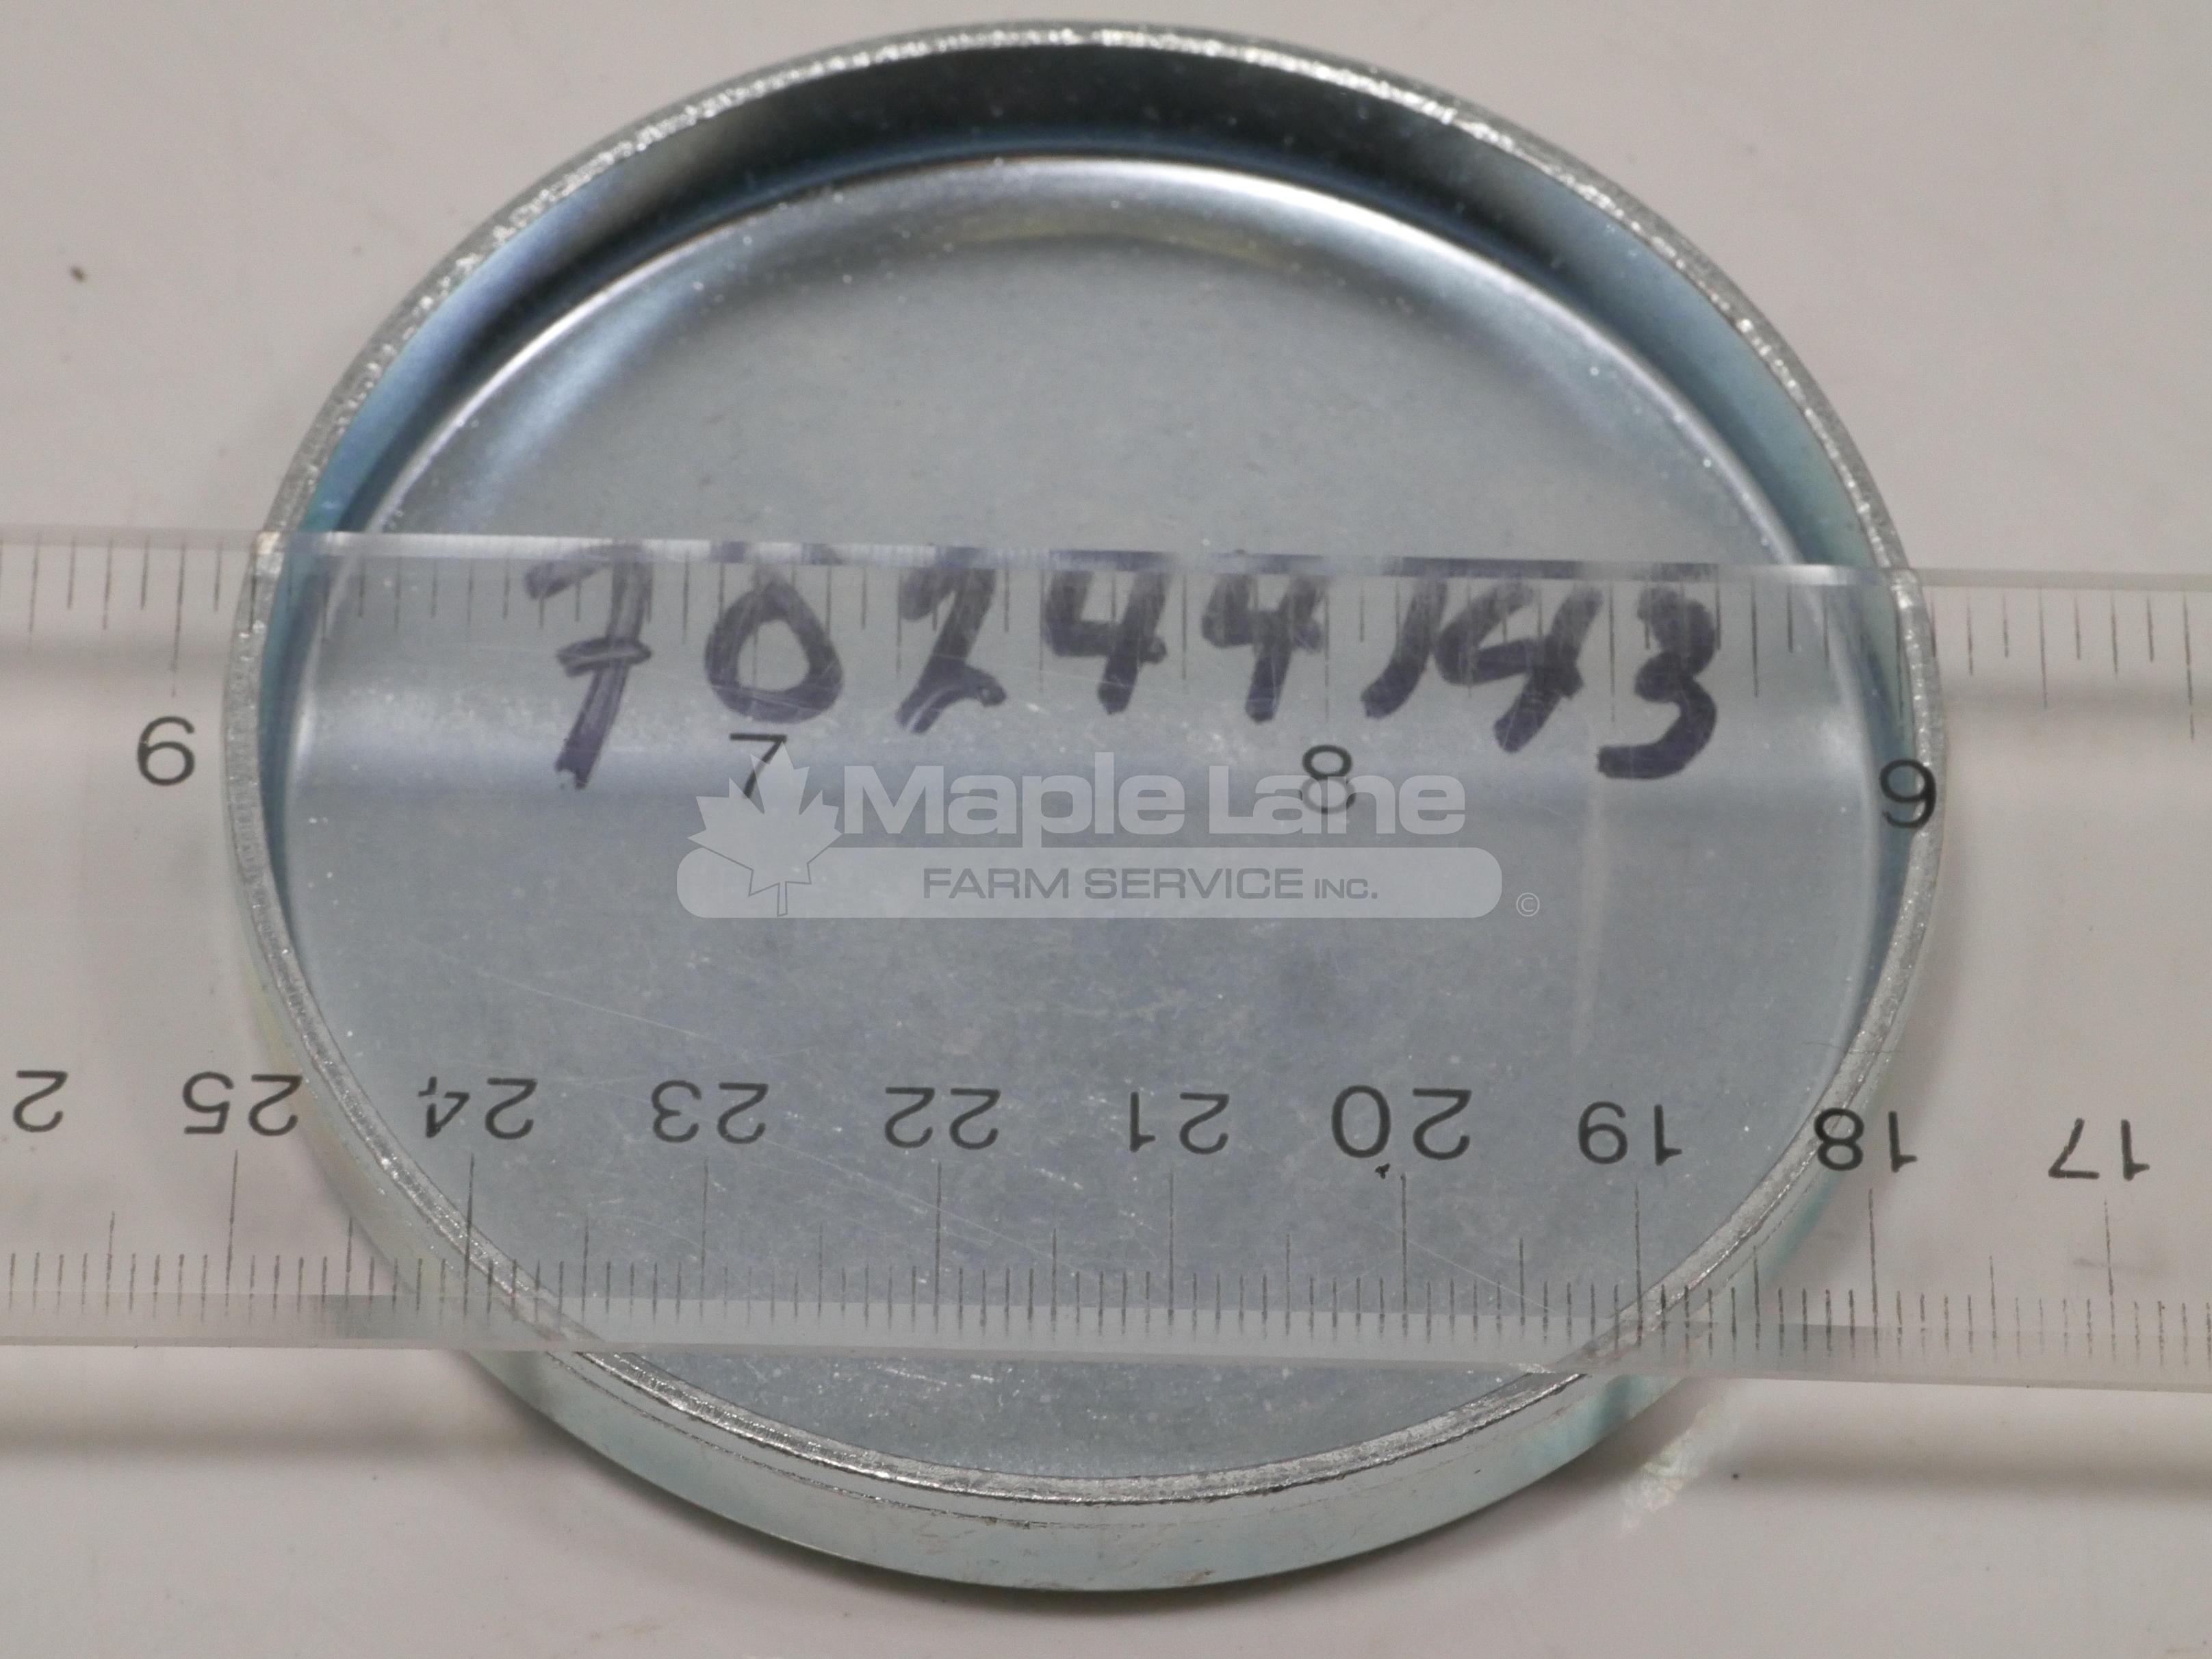 70244143 Plug